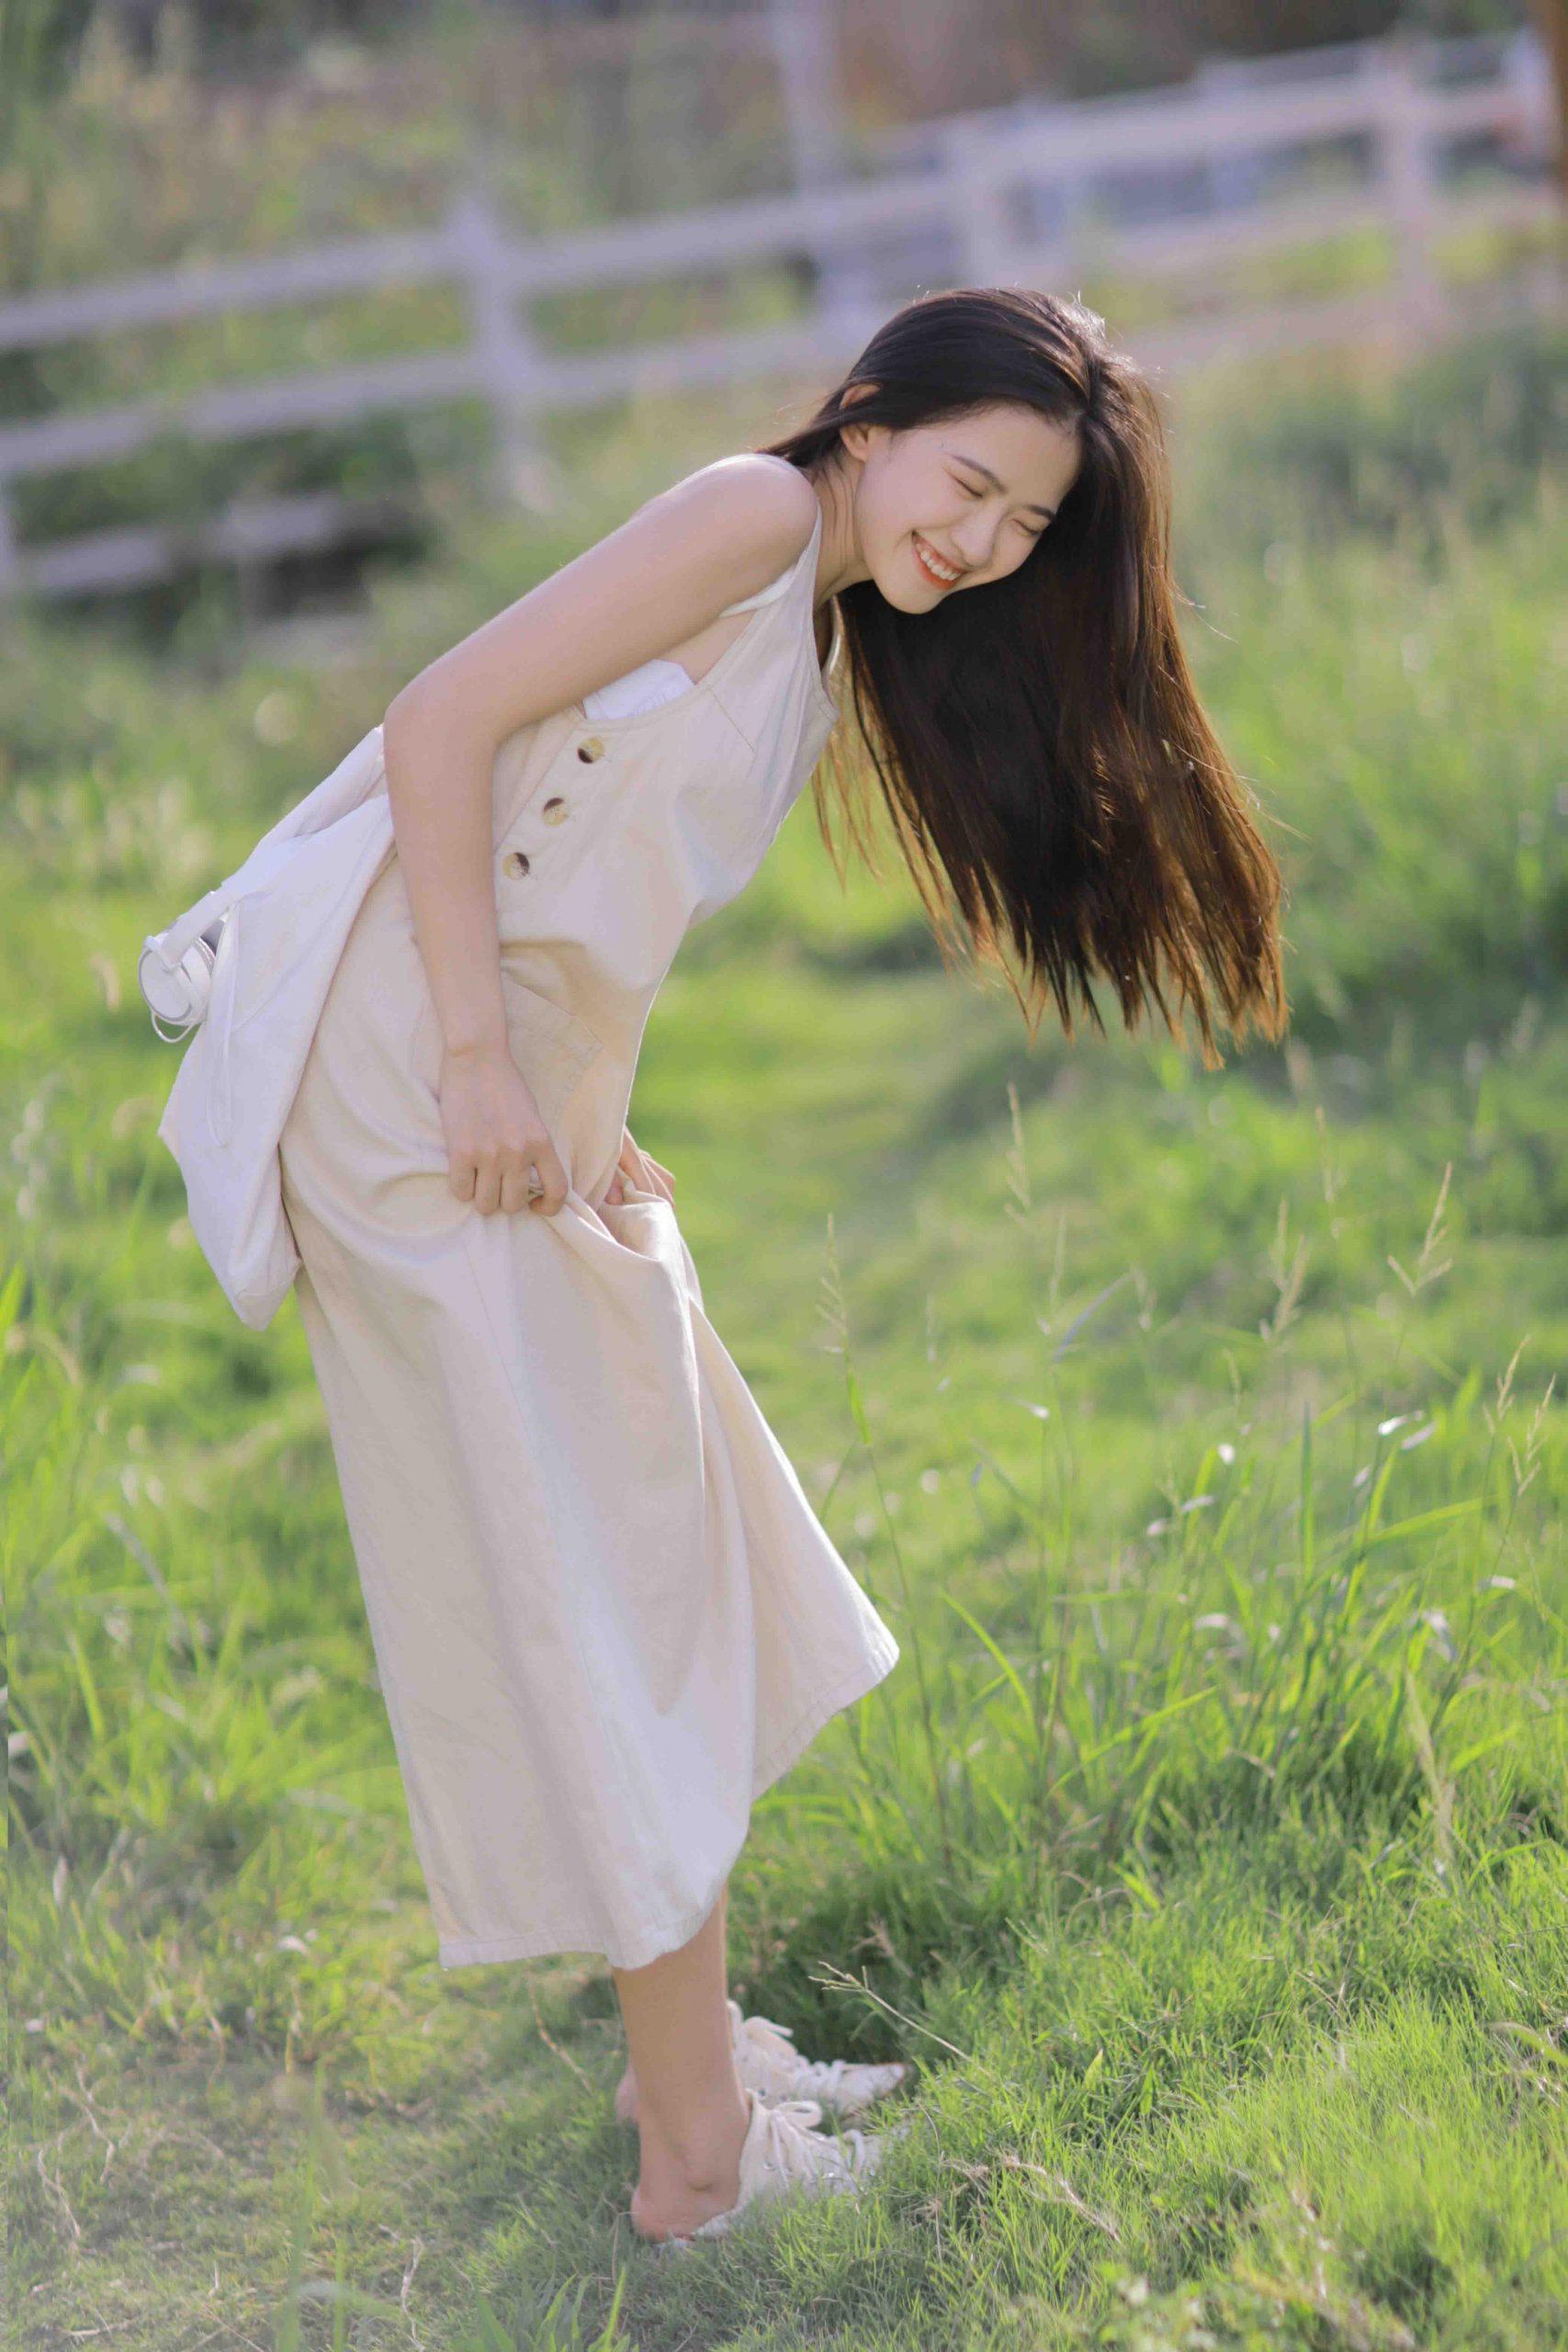 cuộc sống vui vẻ của cô gái tuổi 20